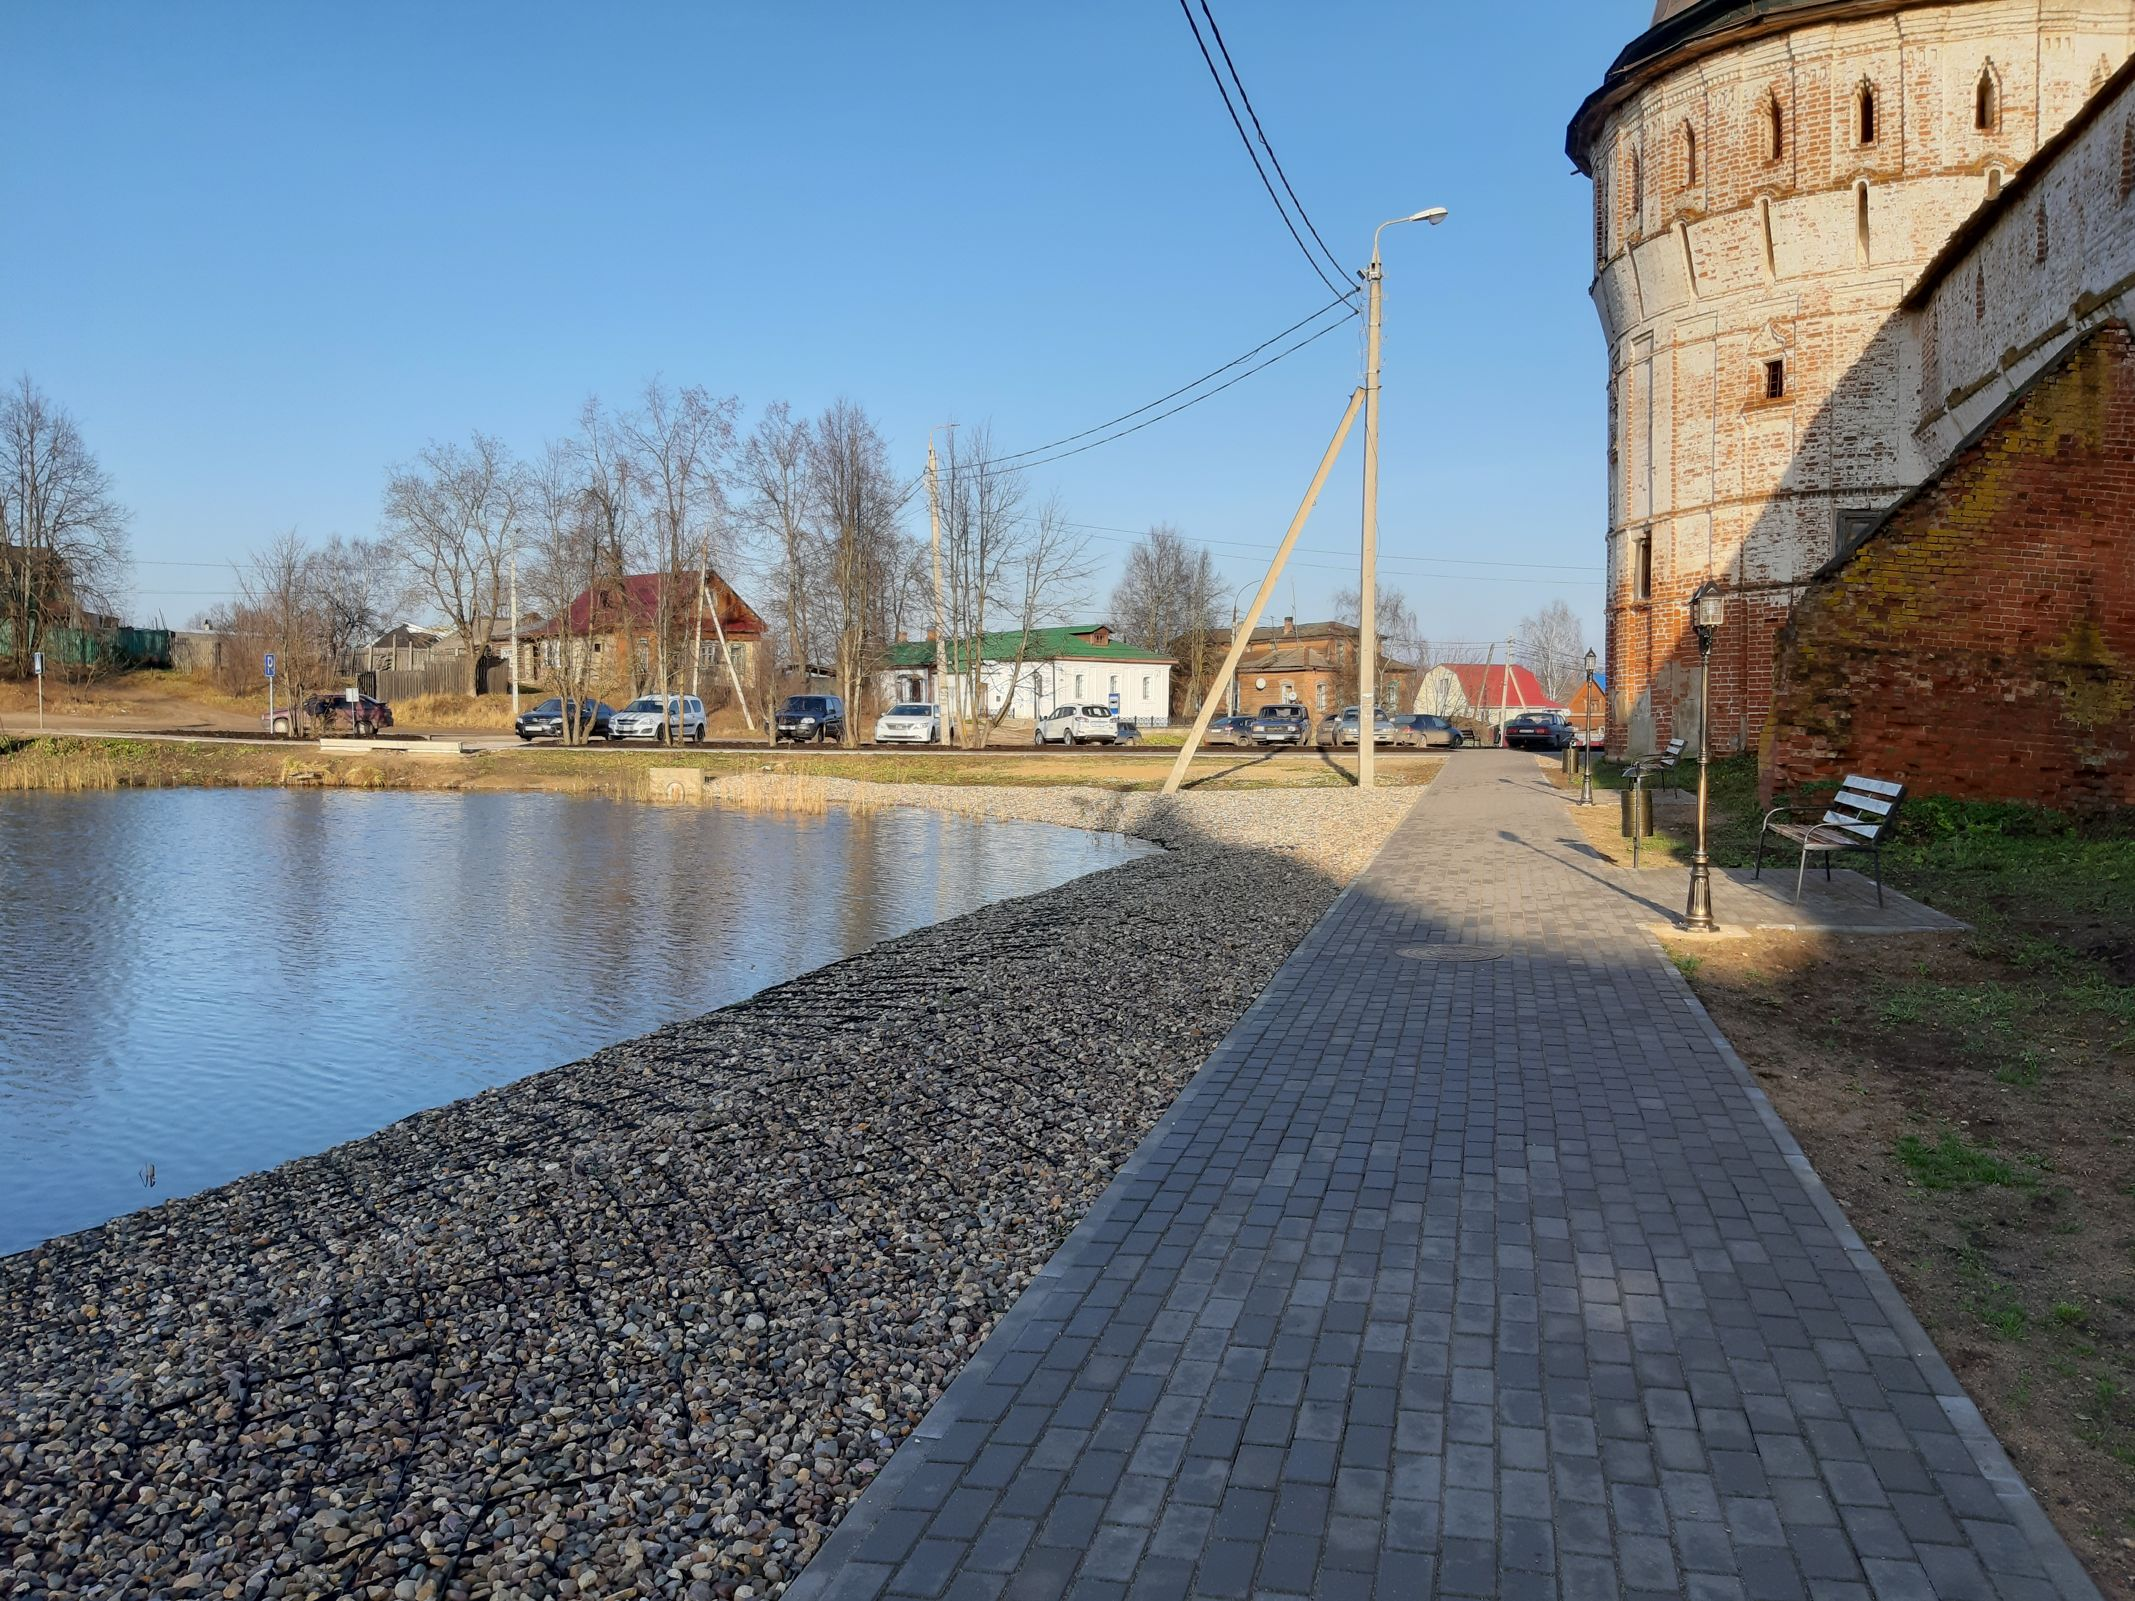 Благоустройство территории в поселке Борисоглебский завершат в 2021 году